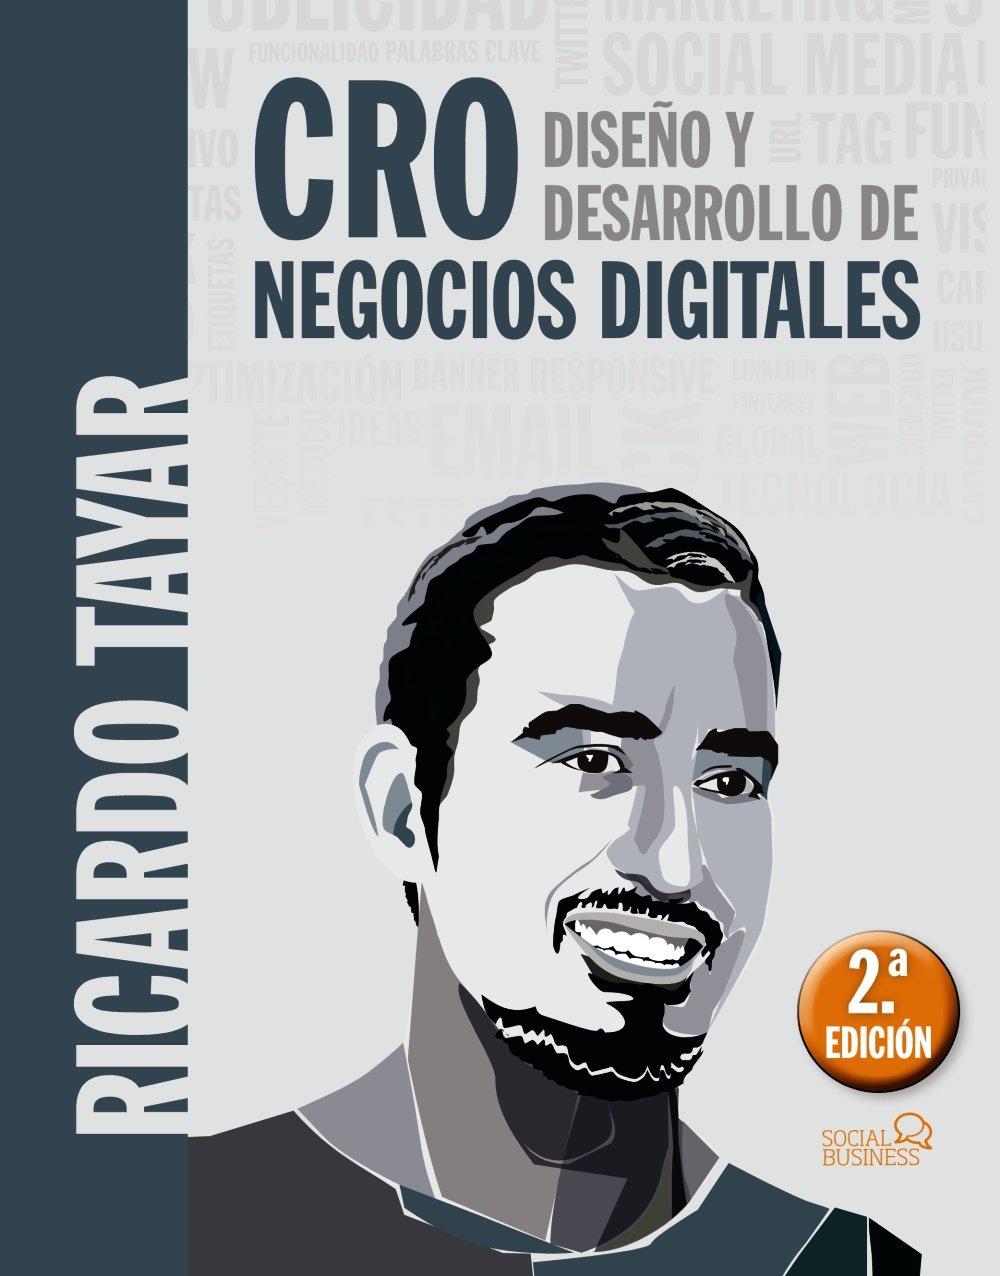 CRO, Diseño y Desarrollo de negocios digitales